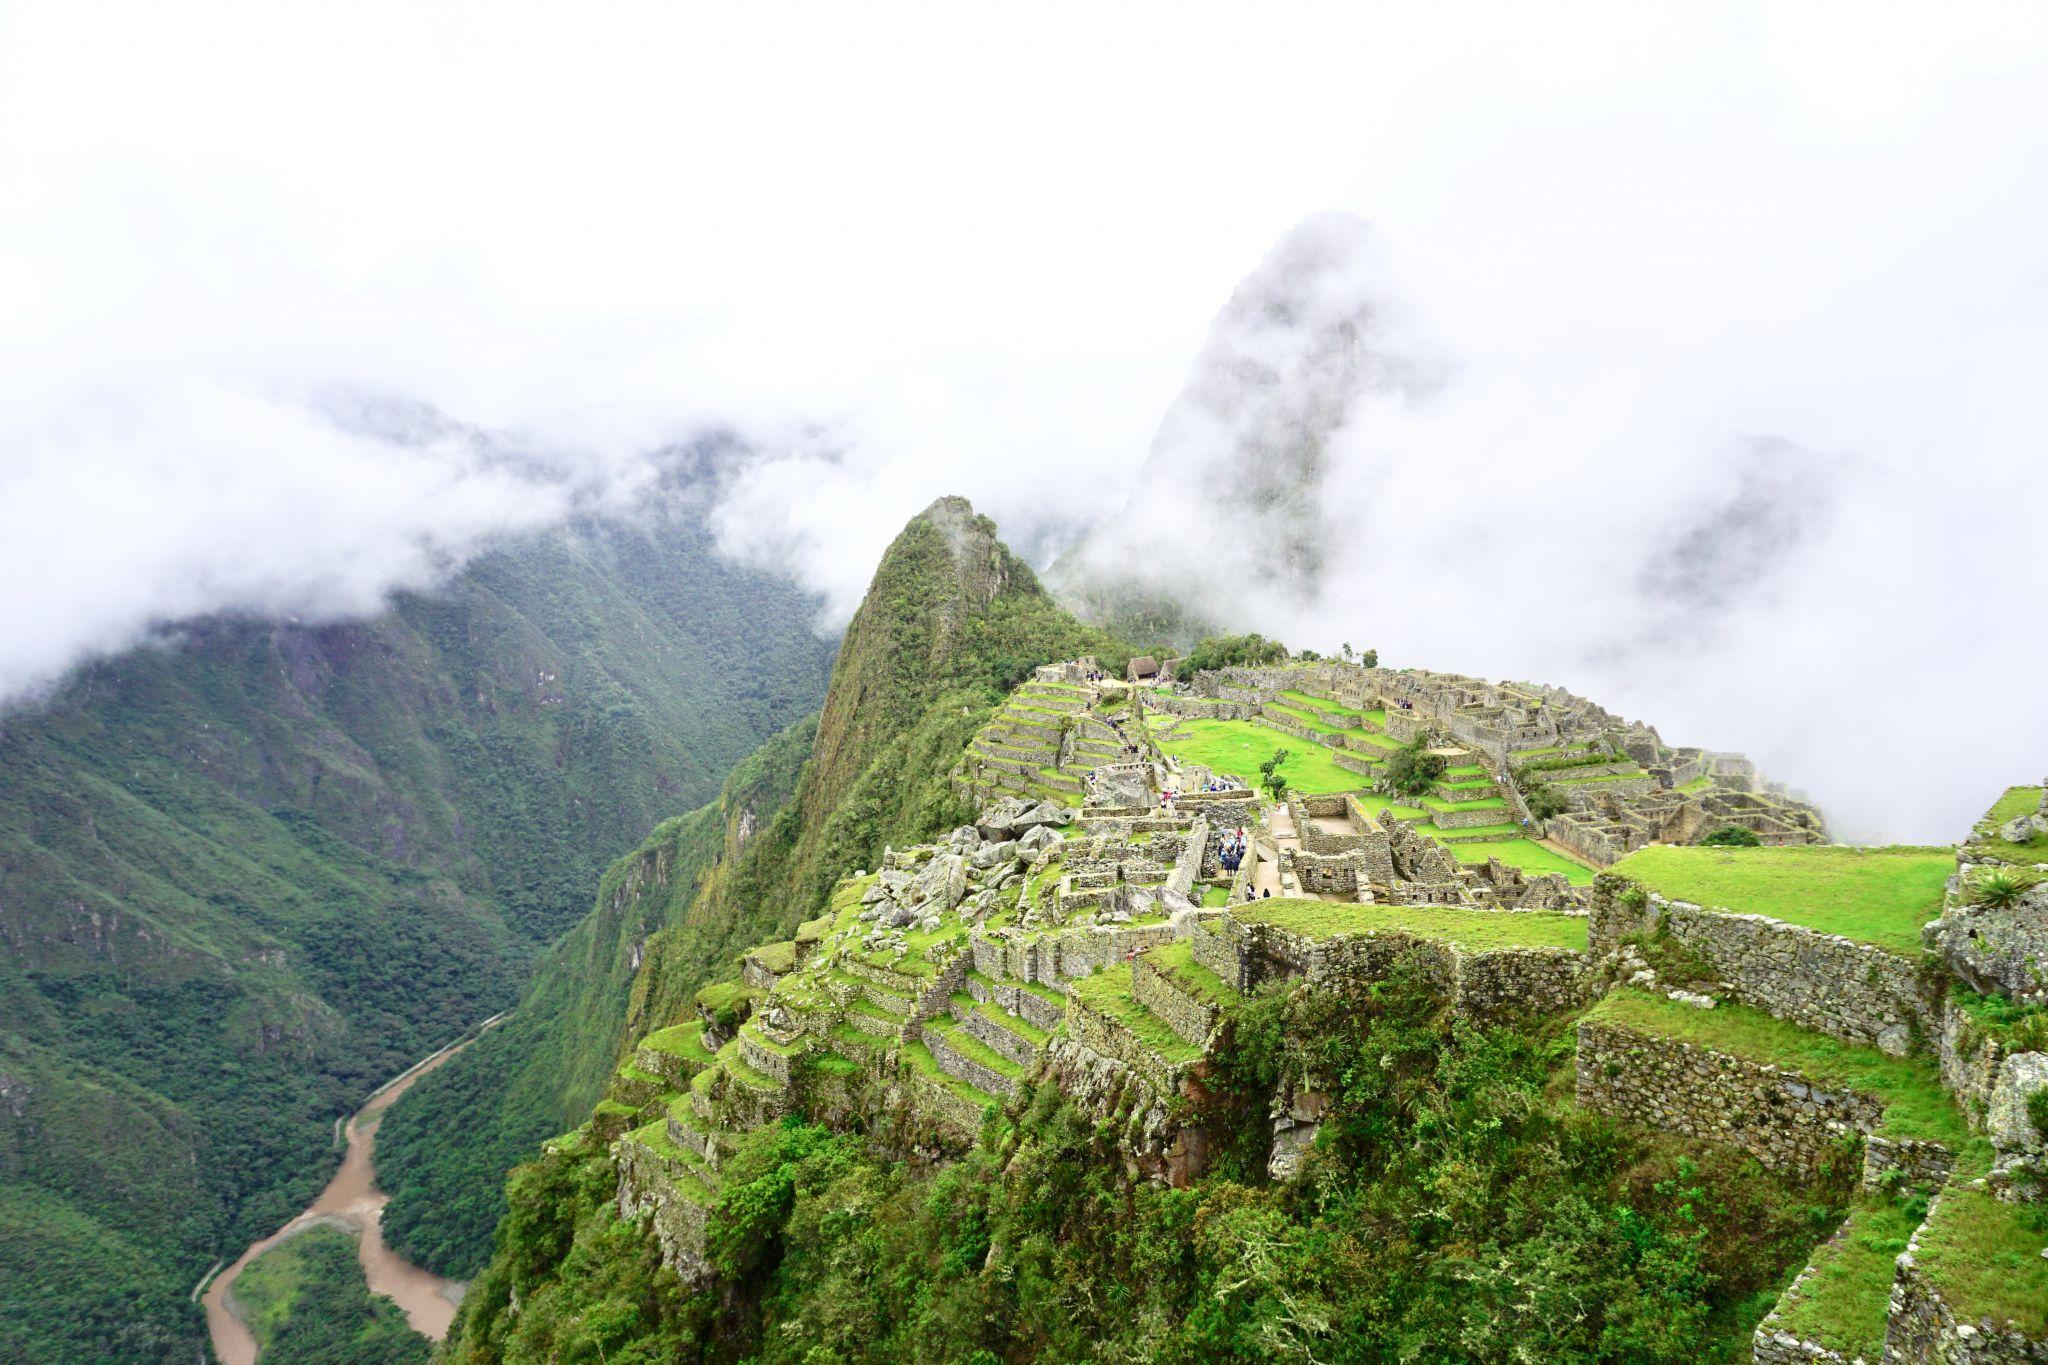 Machu Picchu and Cusco and altitude sickness